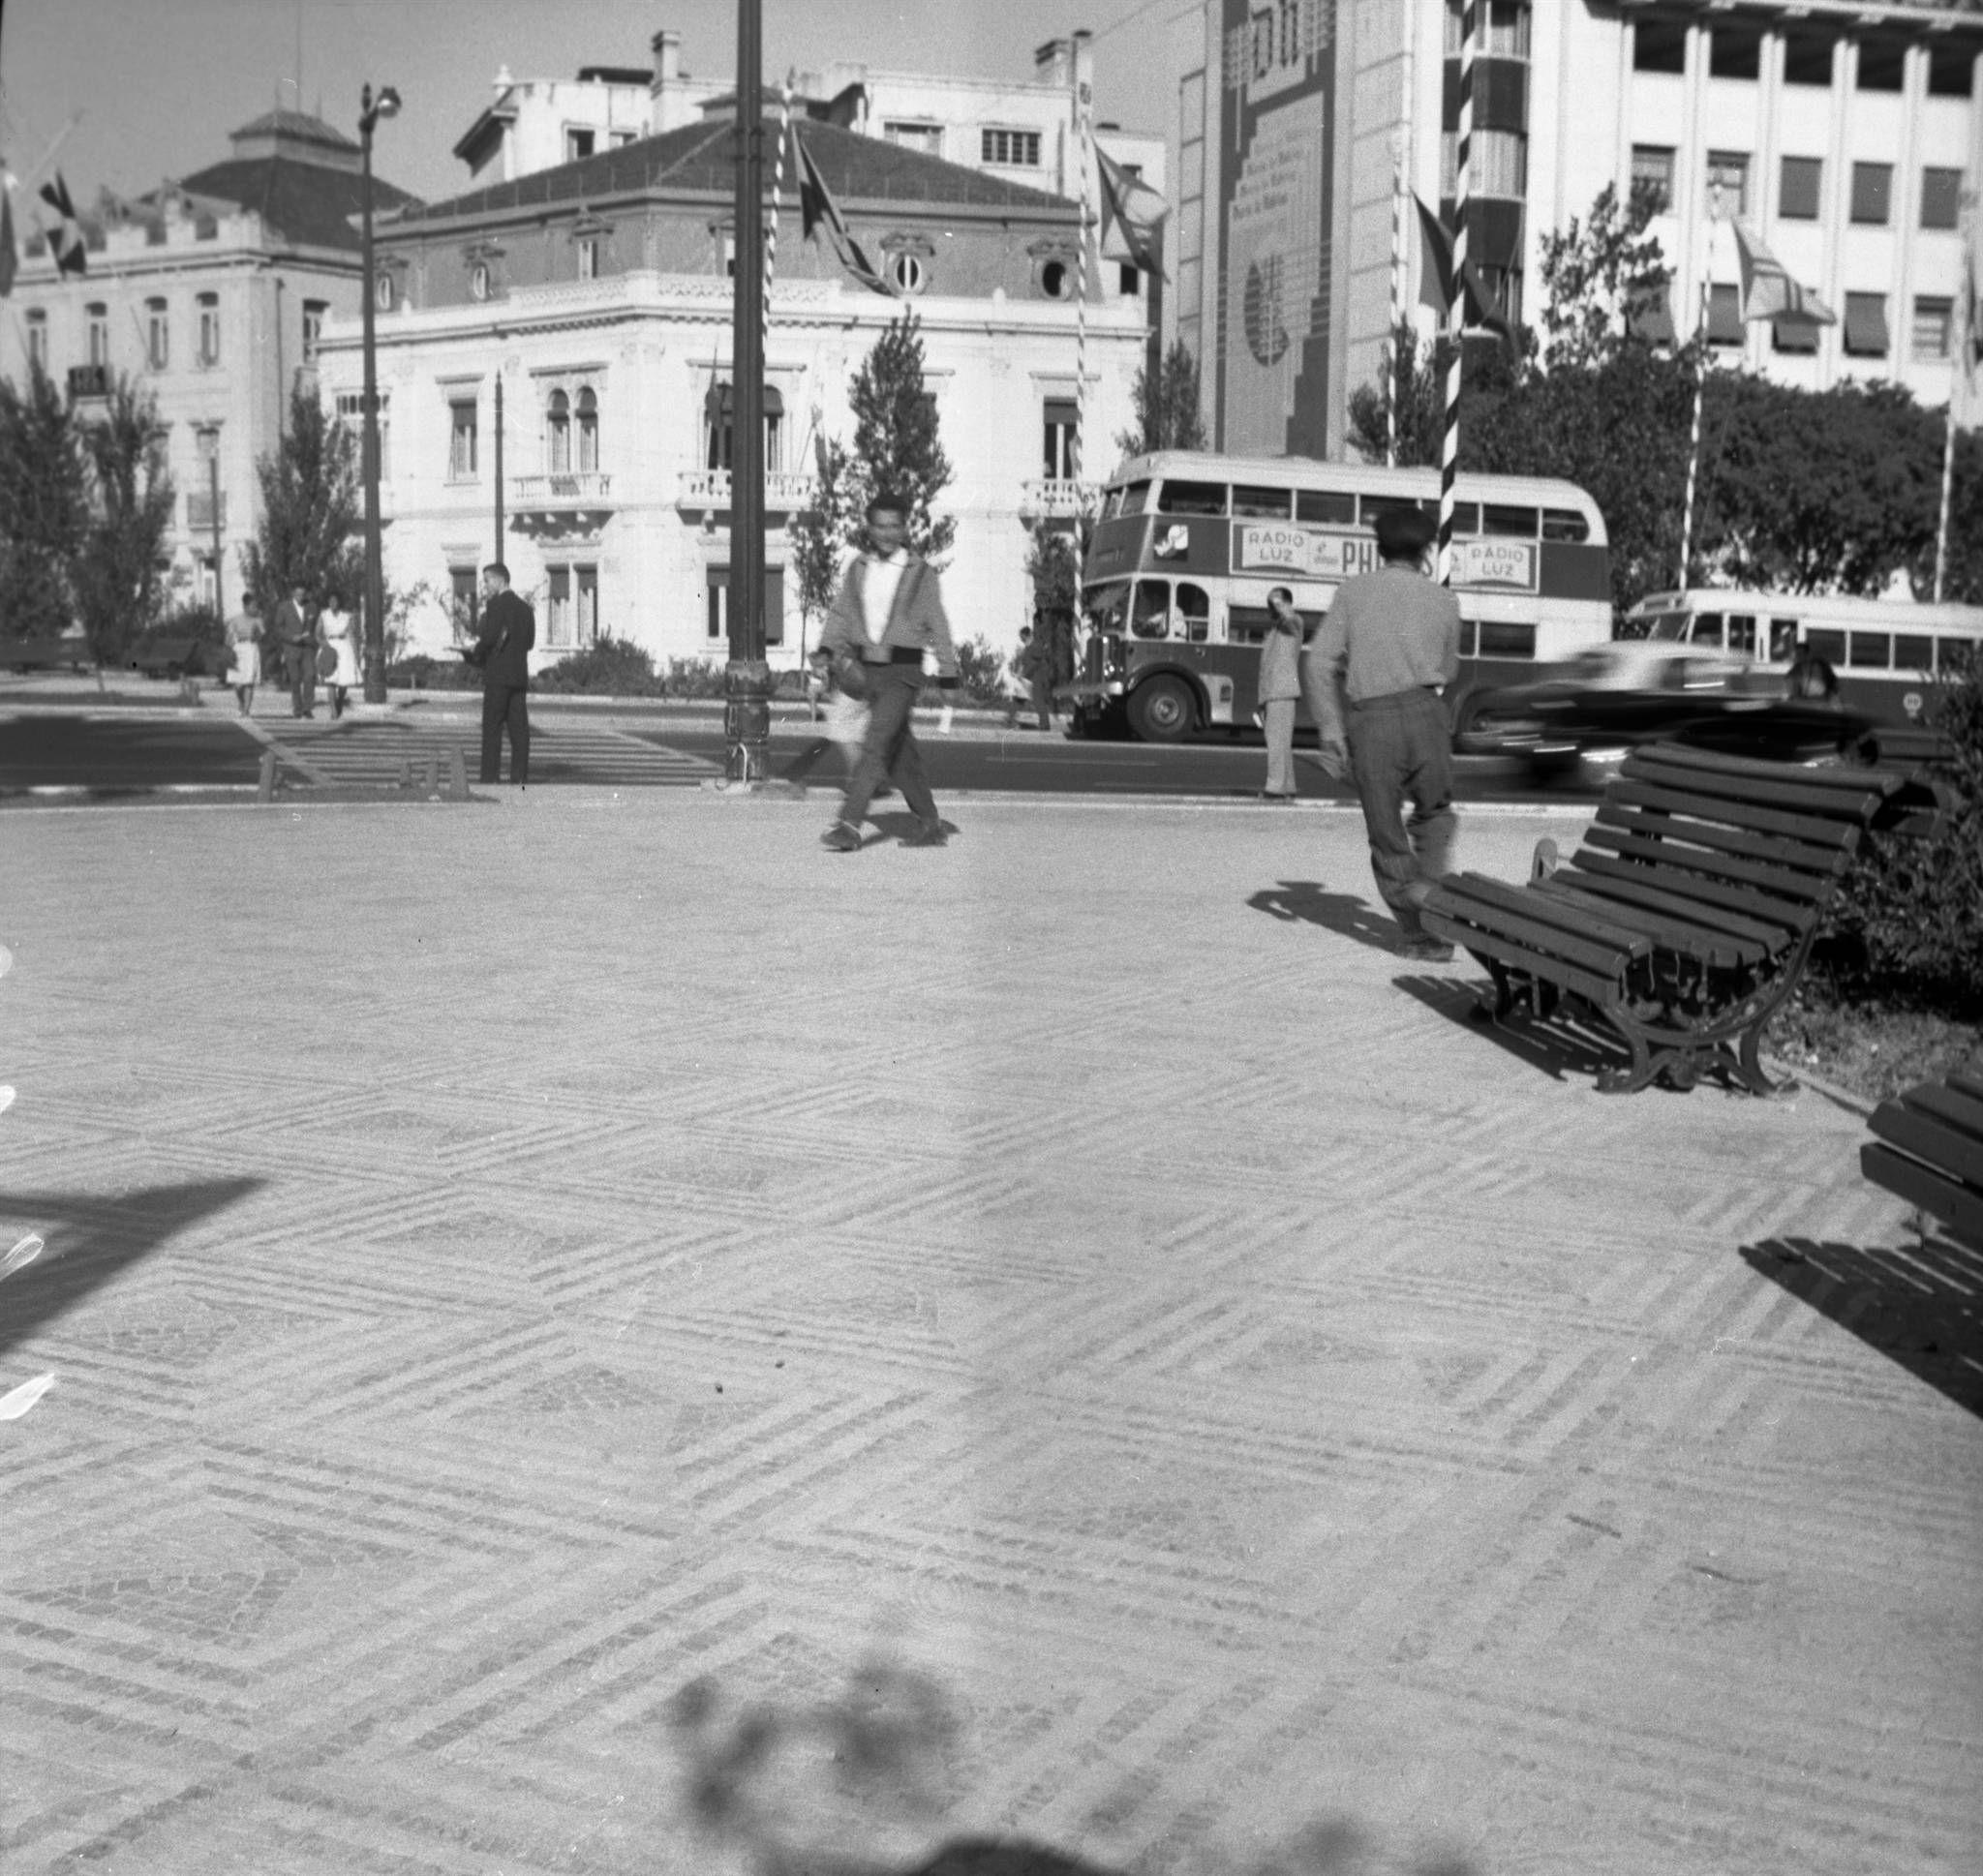 Pavimento de passeios, Rotunda, (A. Goulart, c. 1960)